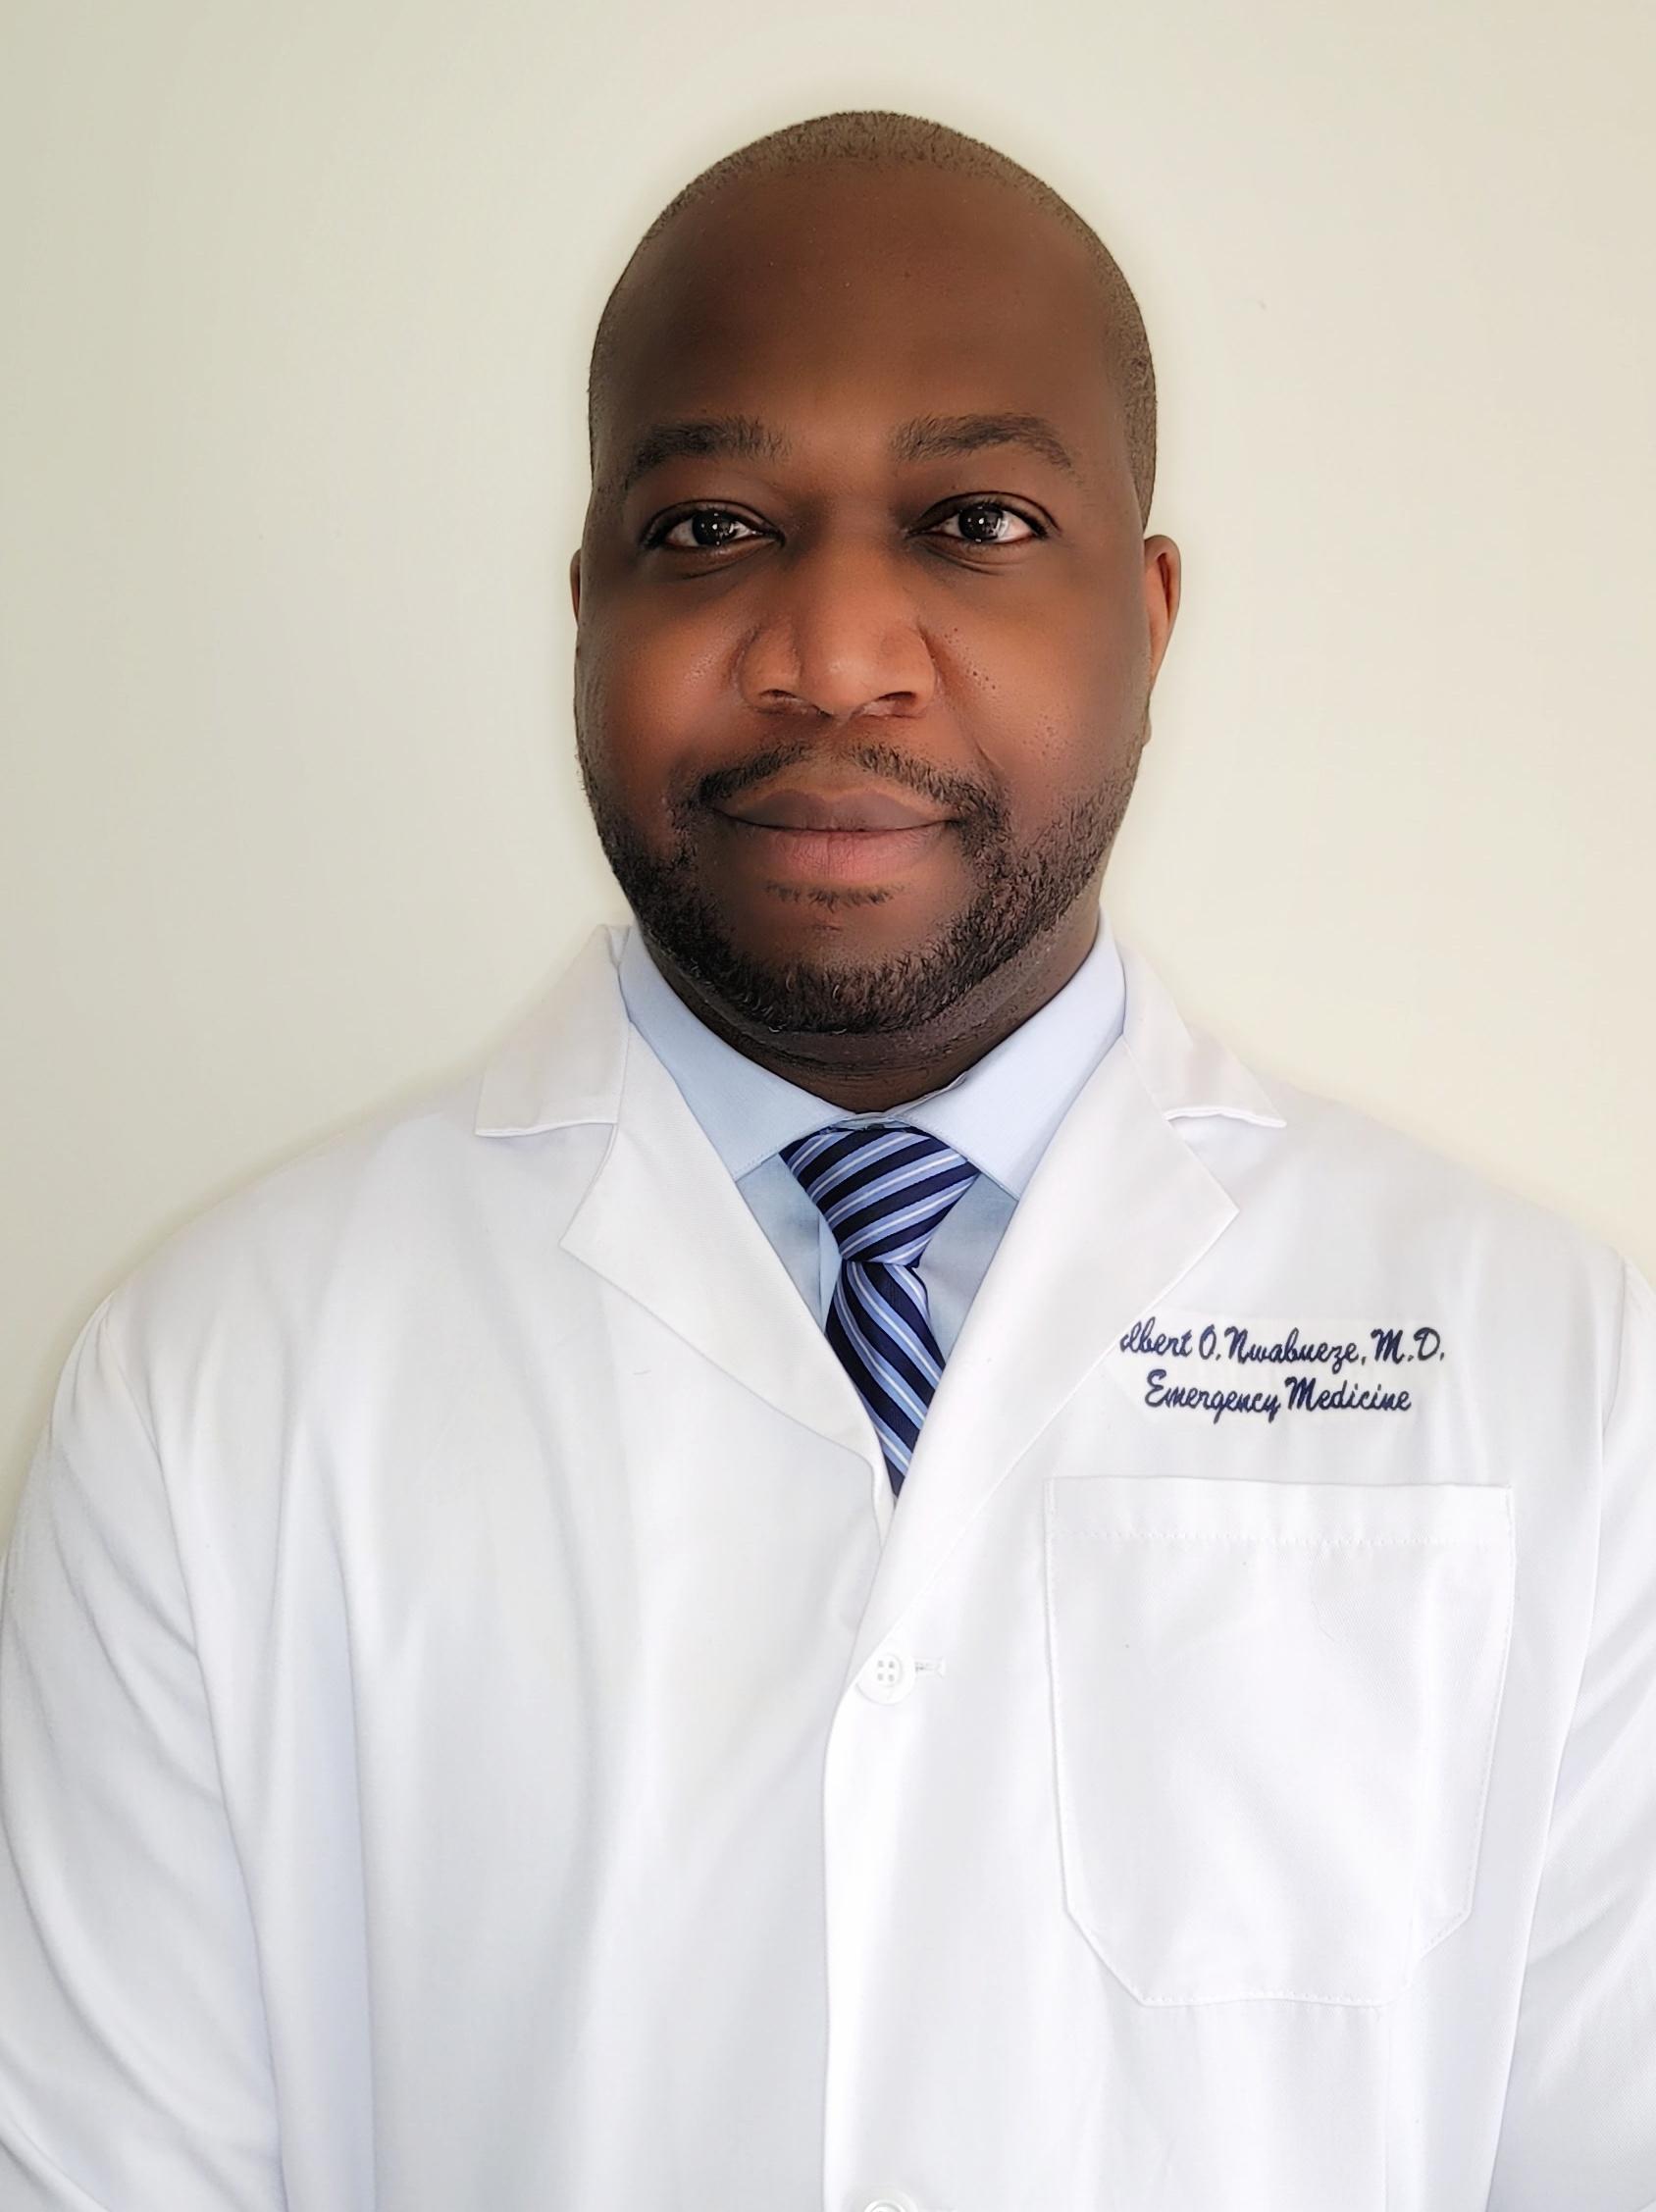 Albert Nwabueze, MD